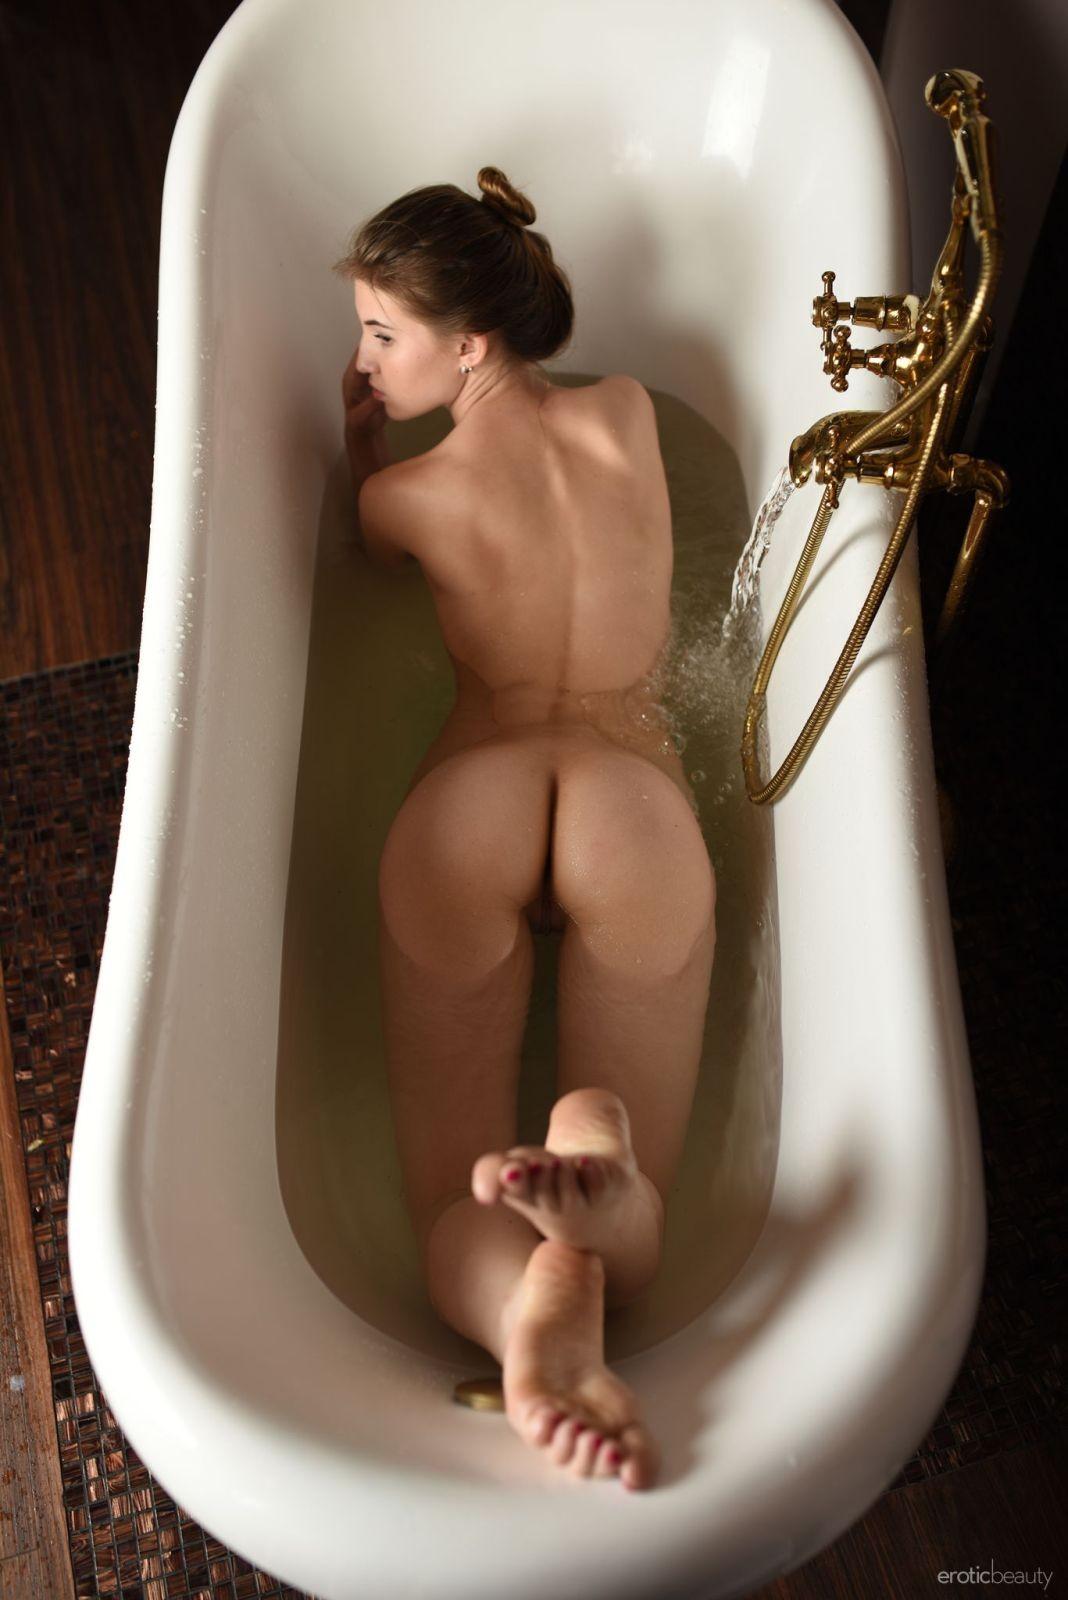 Девушка с упругой попкой в ванне - фото